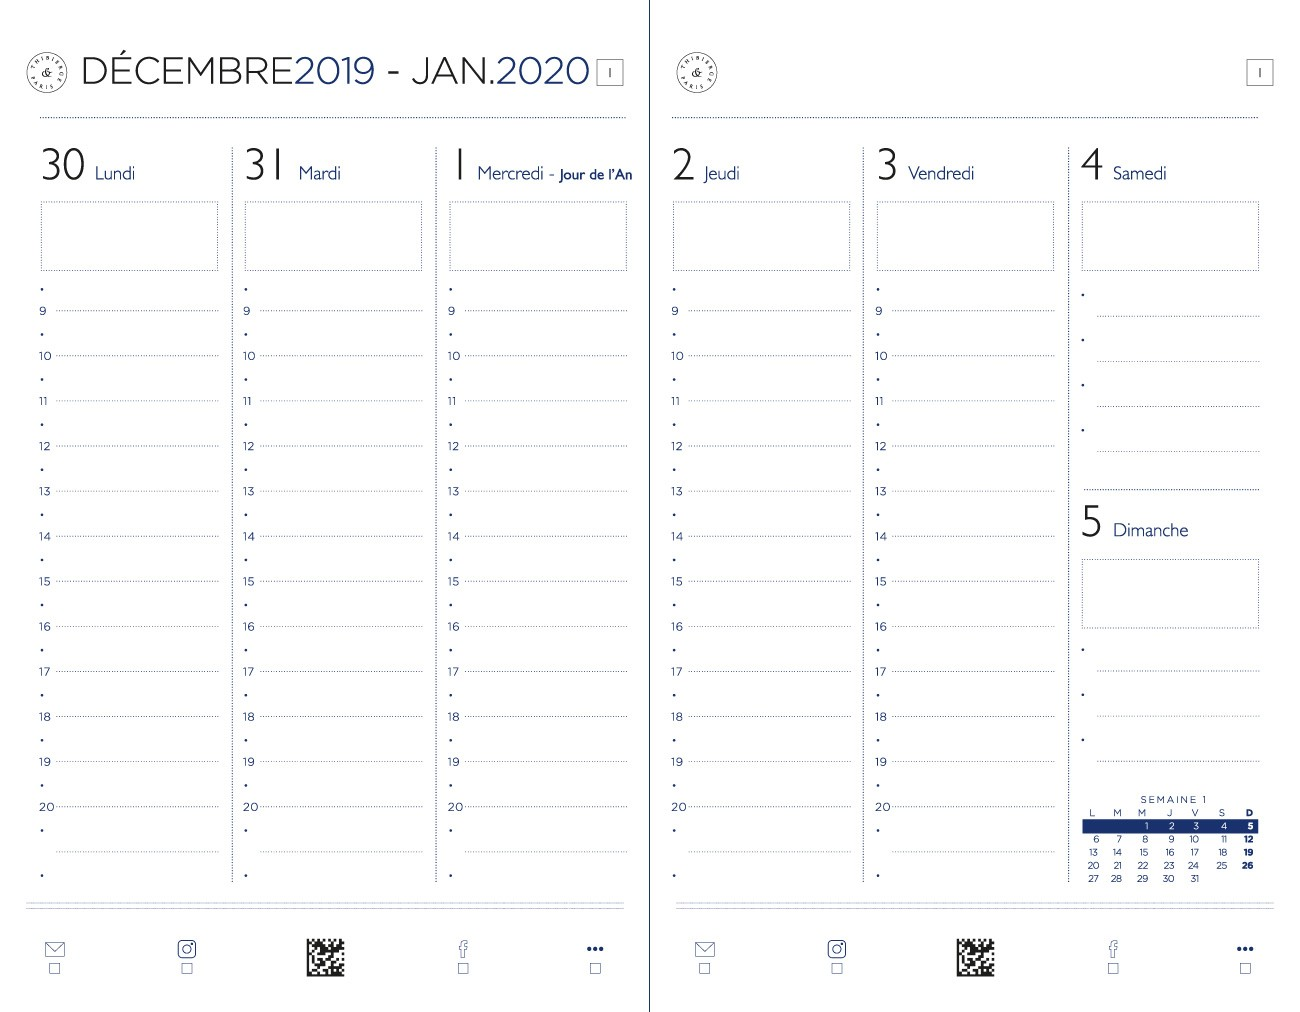 12.19 Agenda 2020 Semaine sur deux pages. Vertical